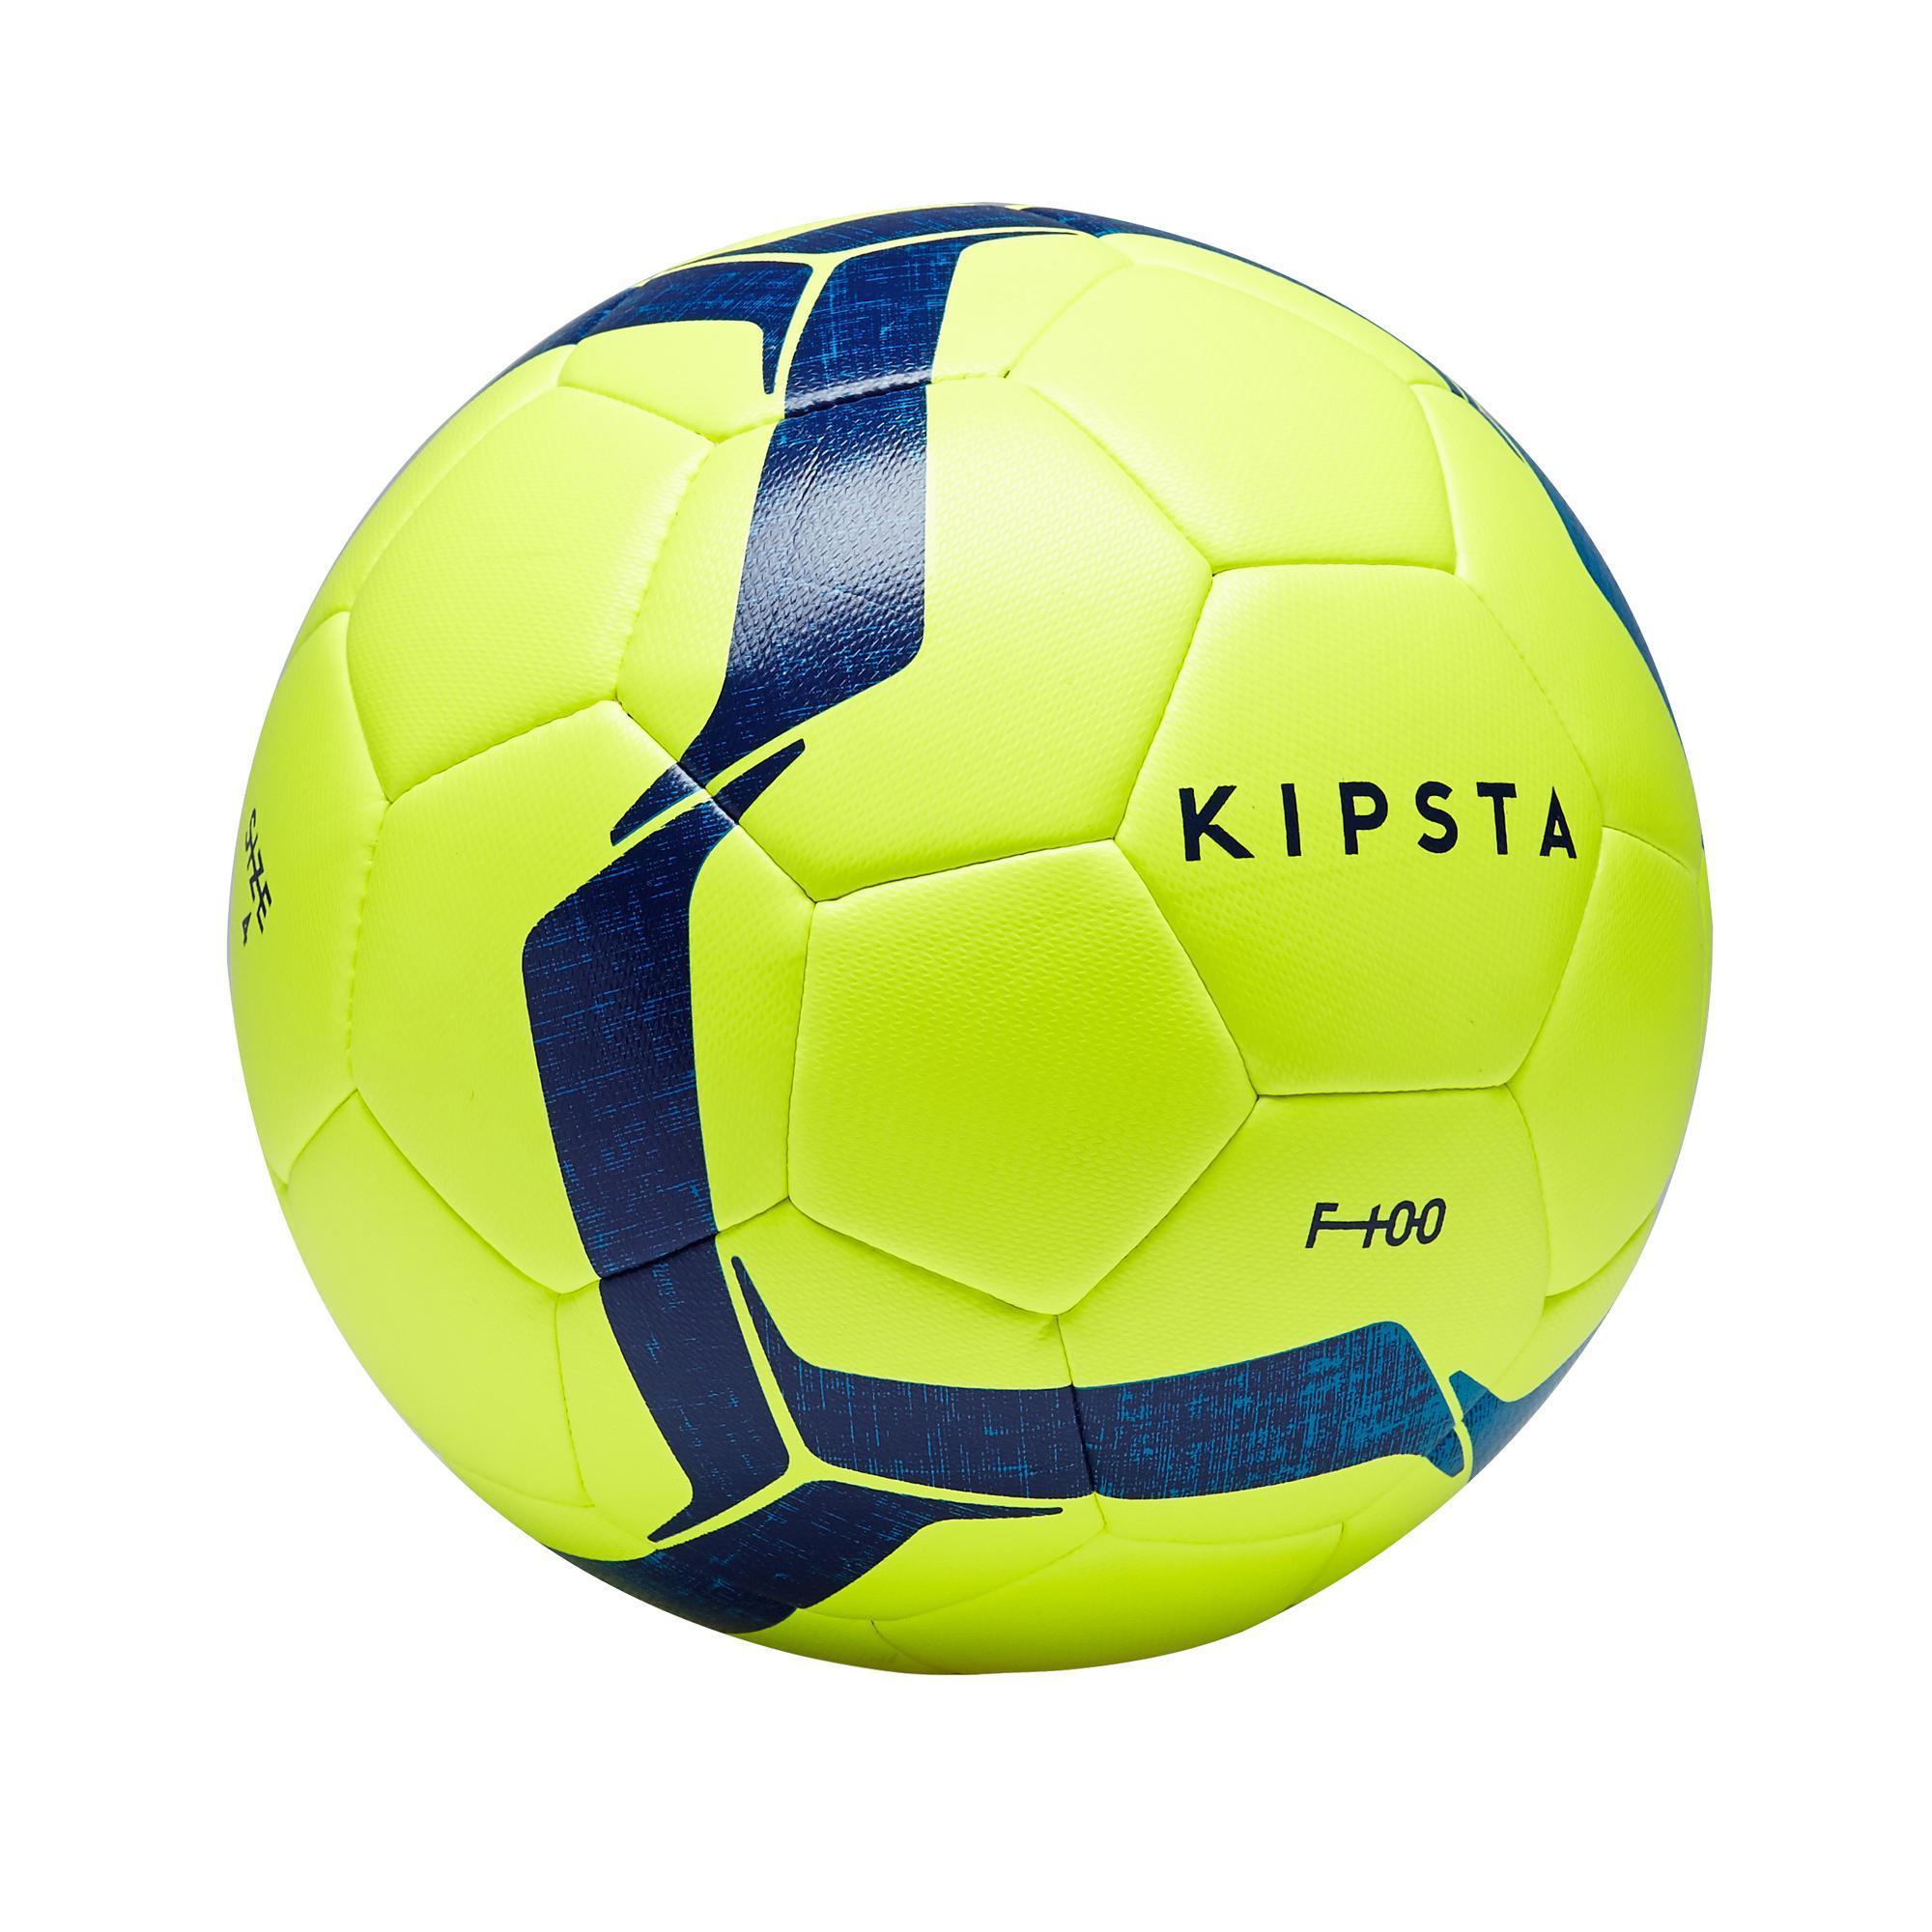 Kipsta Voetbal F100 hybride maat 4